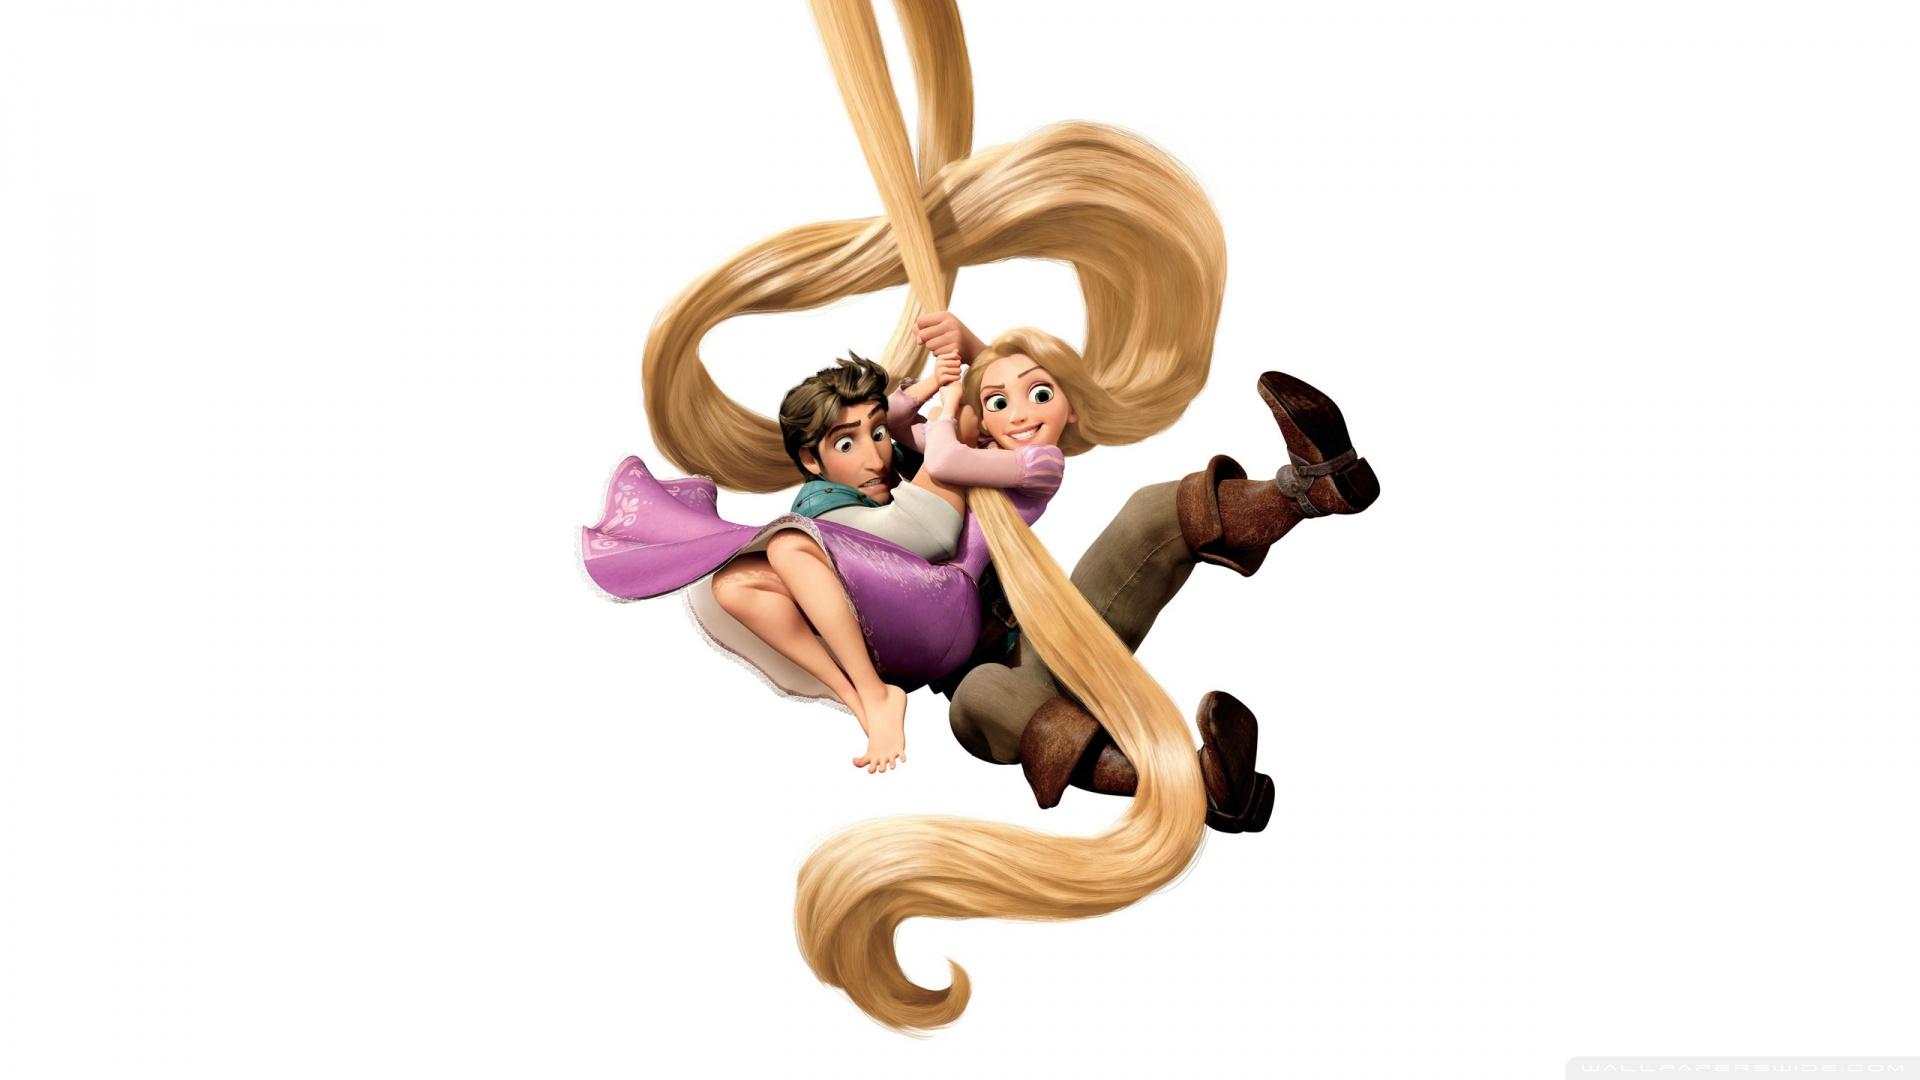 Disney Princess Images Rapunzel Wallpaper Hd Wallpaper And 1920x1080